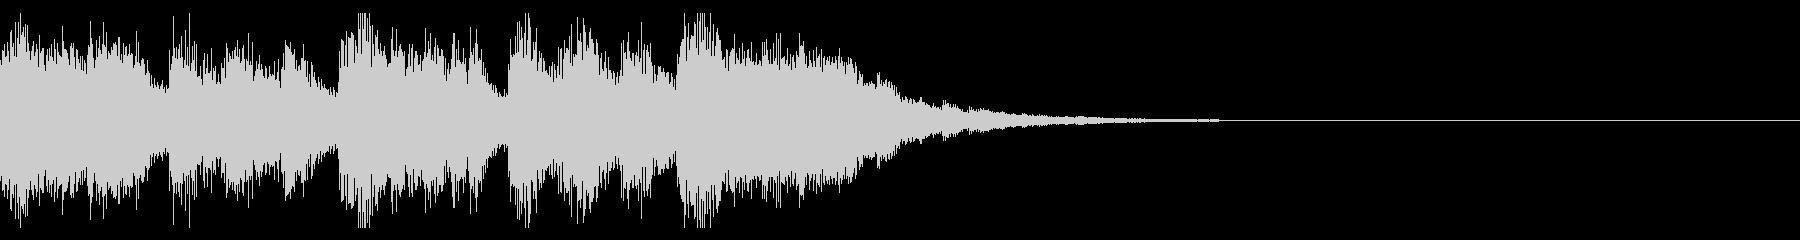 ファンファーレ_06の未再生の波形